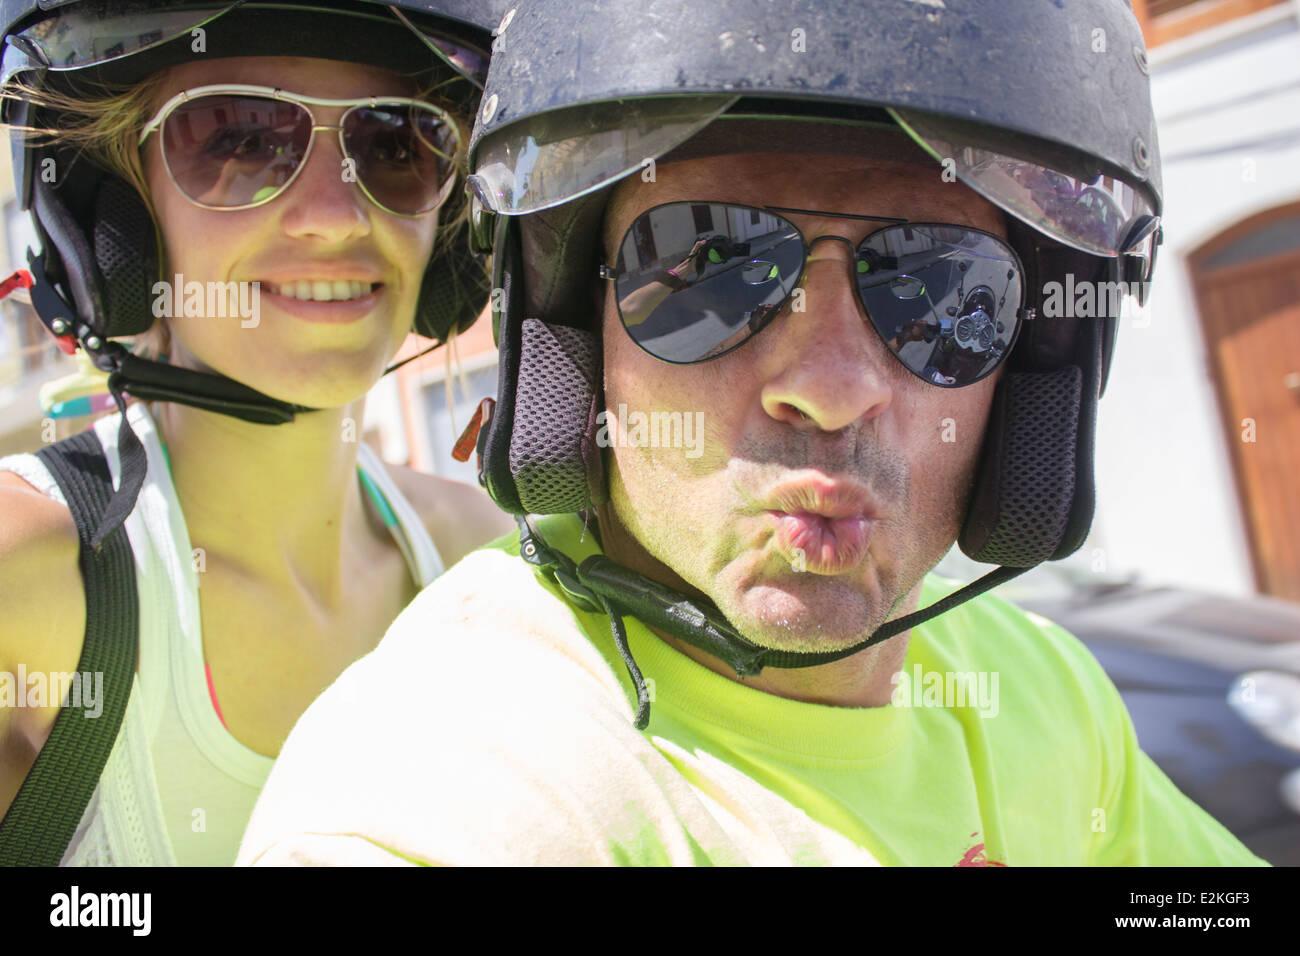 """Homme Femme couple lunettes Casques casque """"s'amuser"""" de conduite à cheval sourire souriant selfies Photo Stock"""